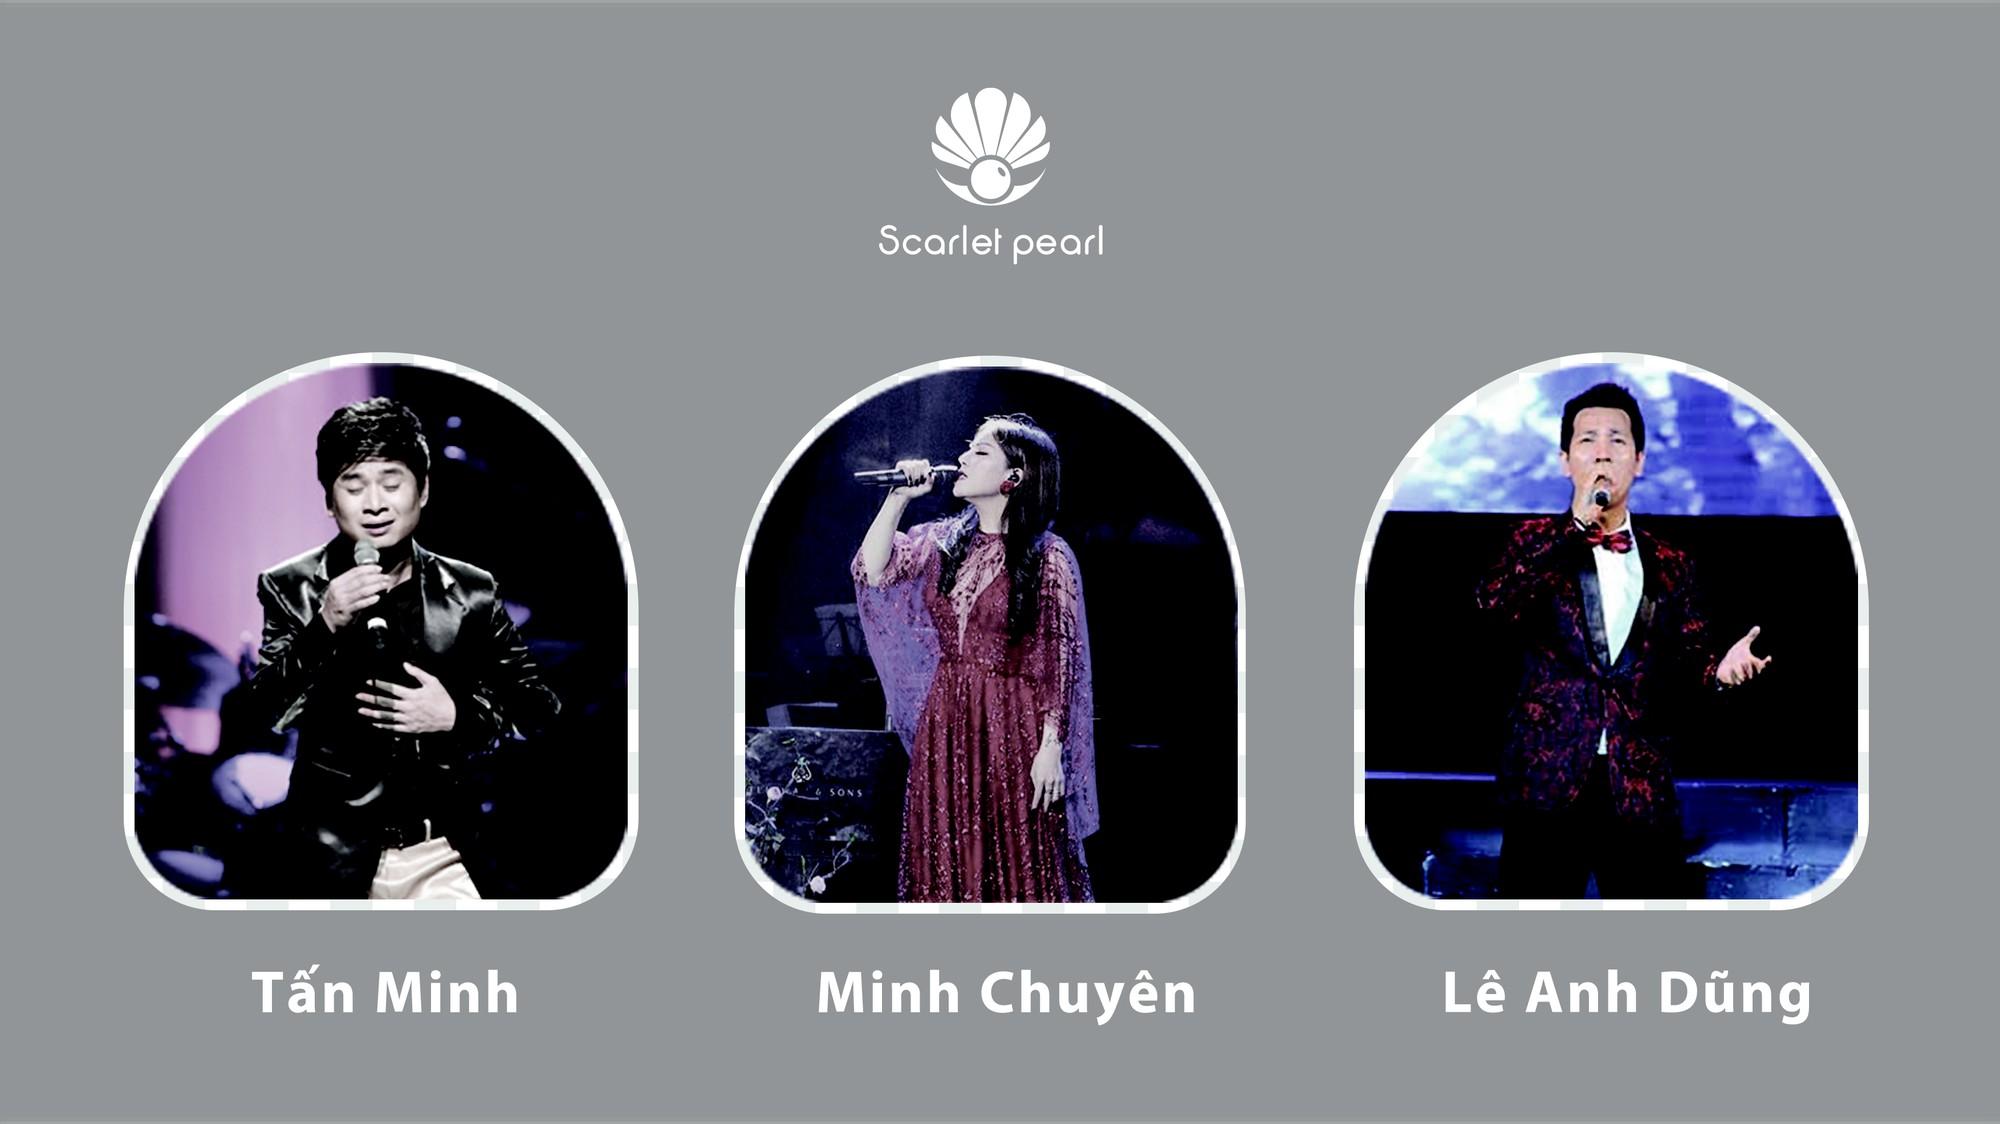 NS Phú Quang tổ chức đêm nhạc trữ tình trên du thuyền triệu đô Scarlet Pearl - Ảnh 1.